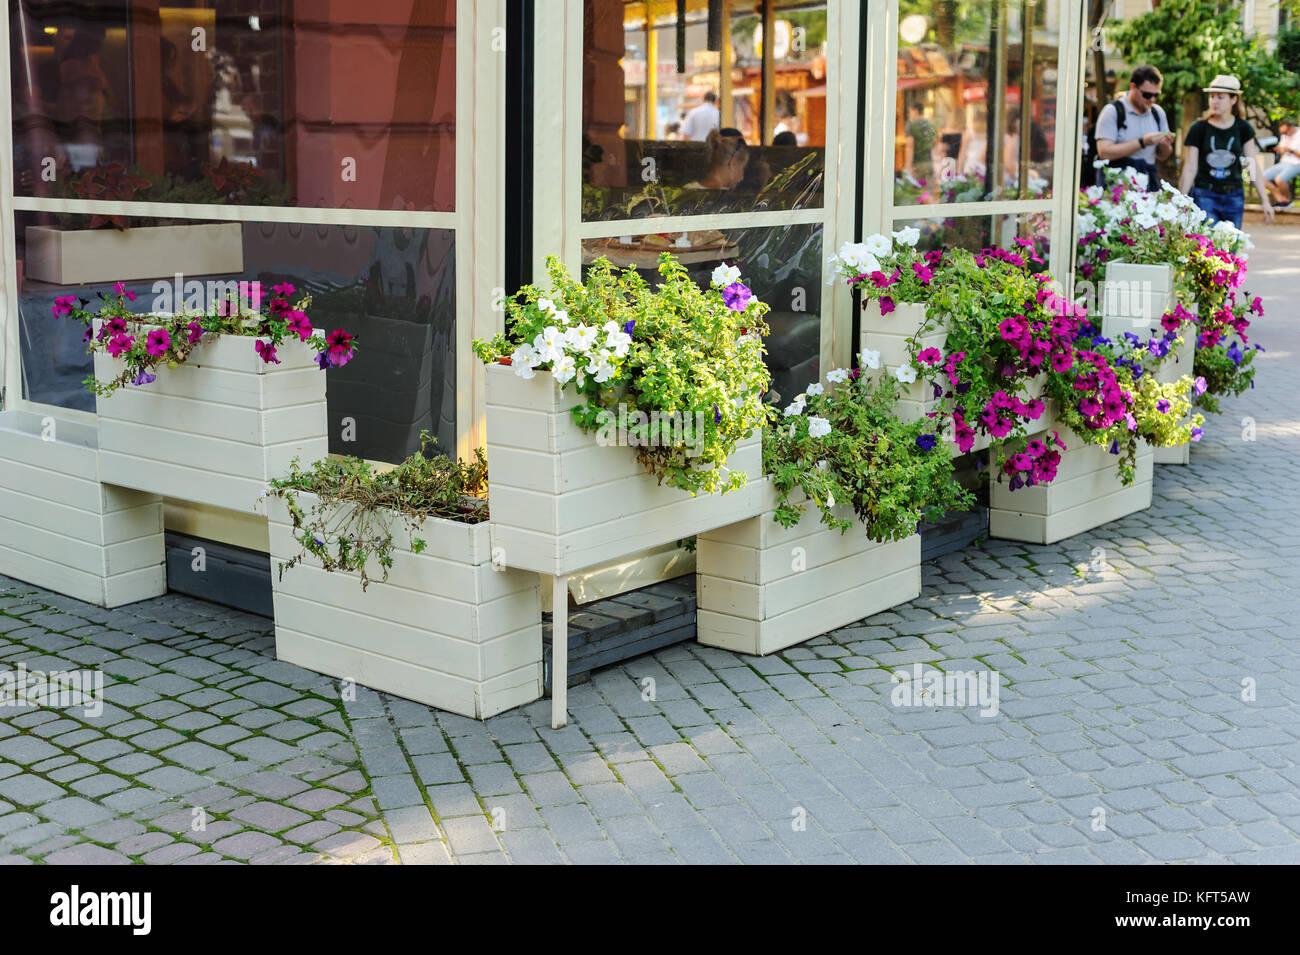 Flores En Los Cuadros La Terraza Del Restaurante Está